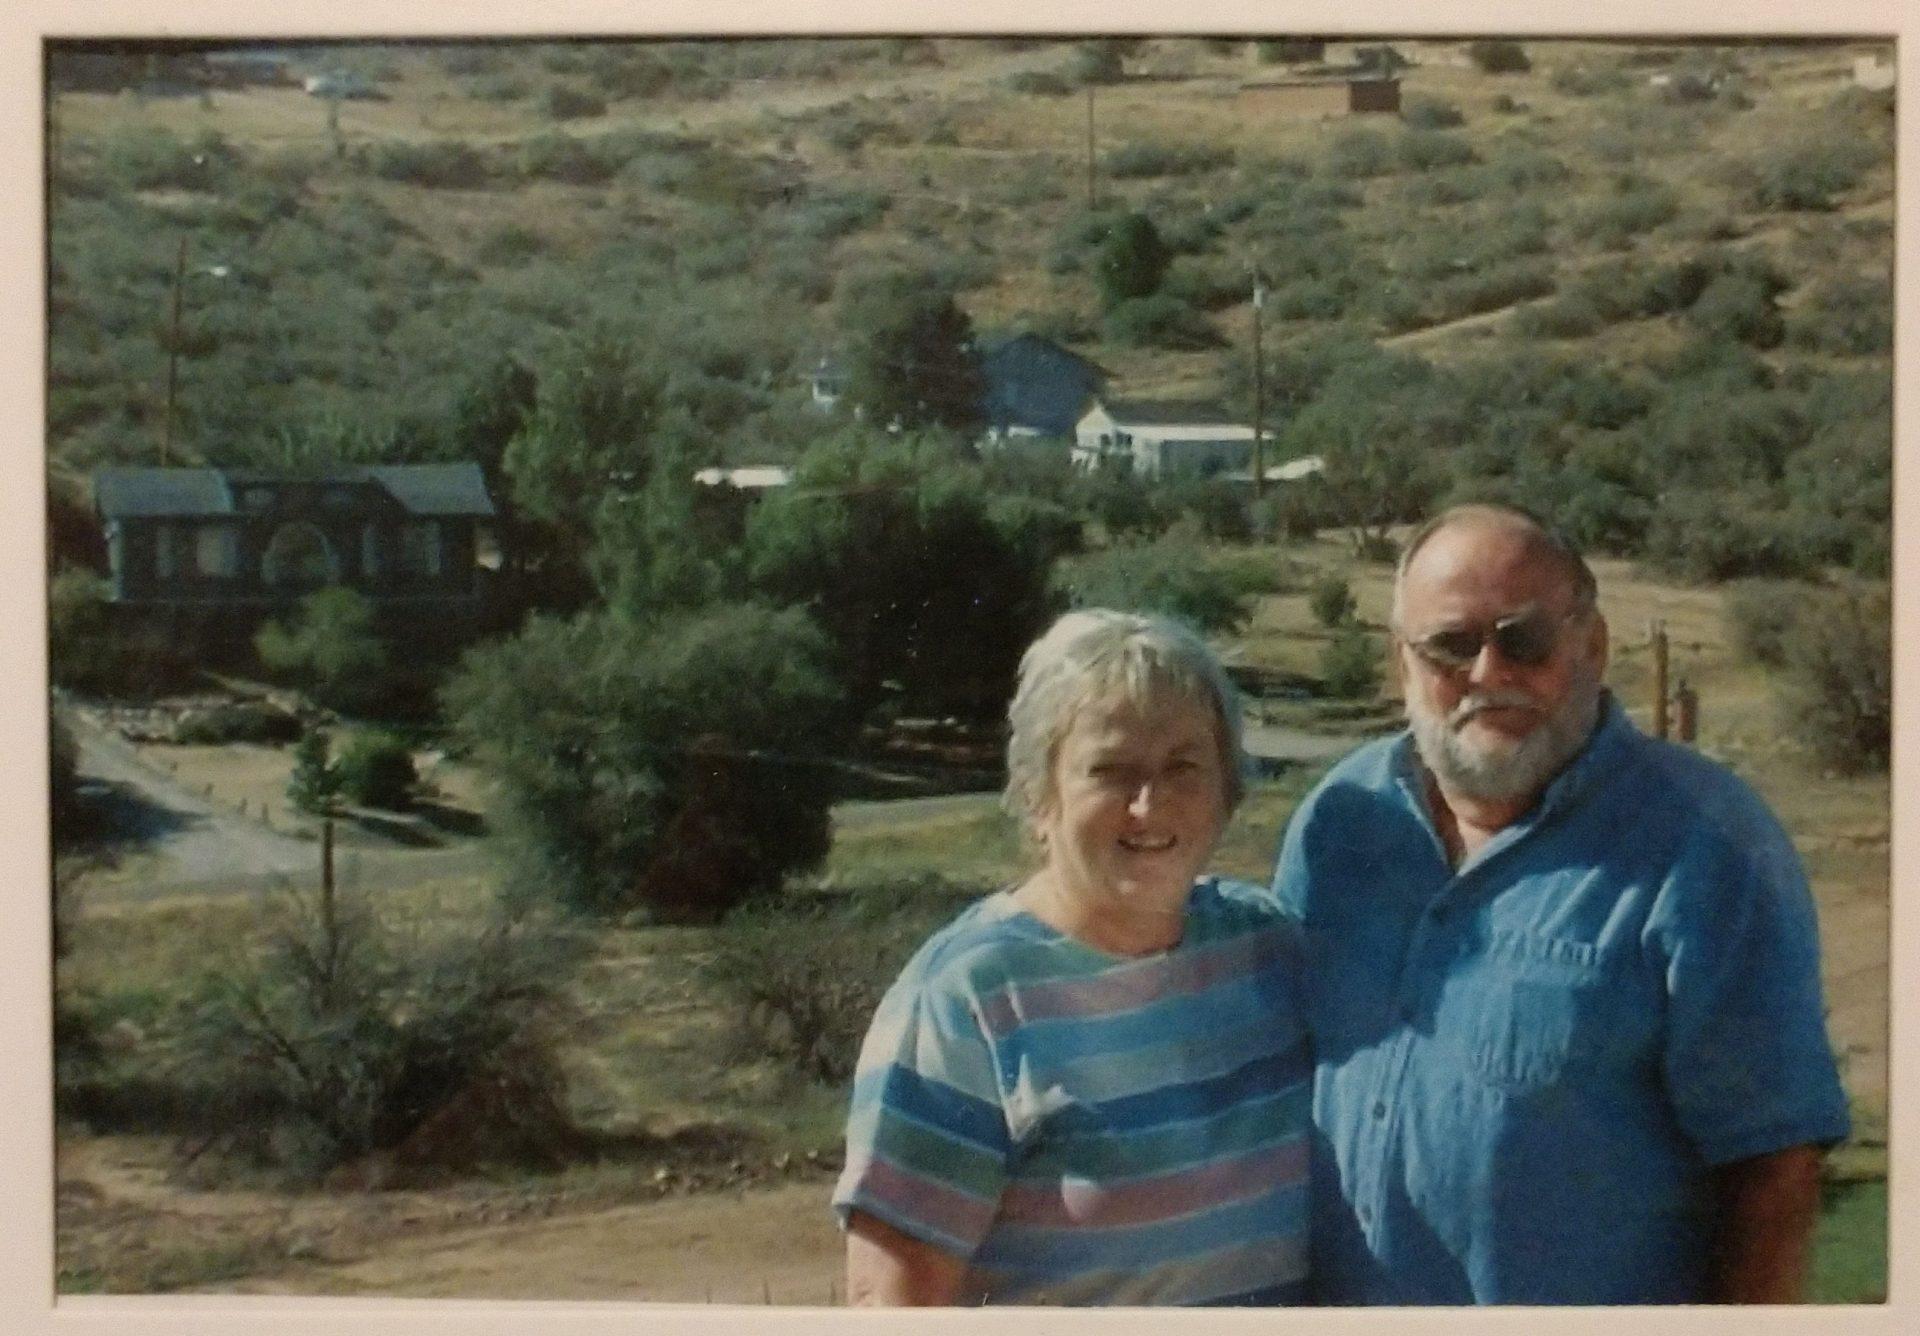 Mary and Wayne Harrell